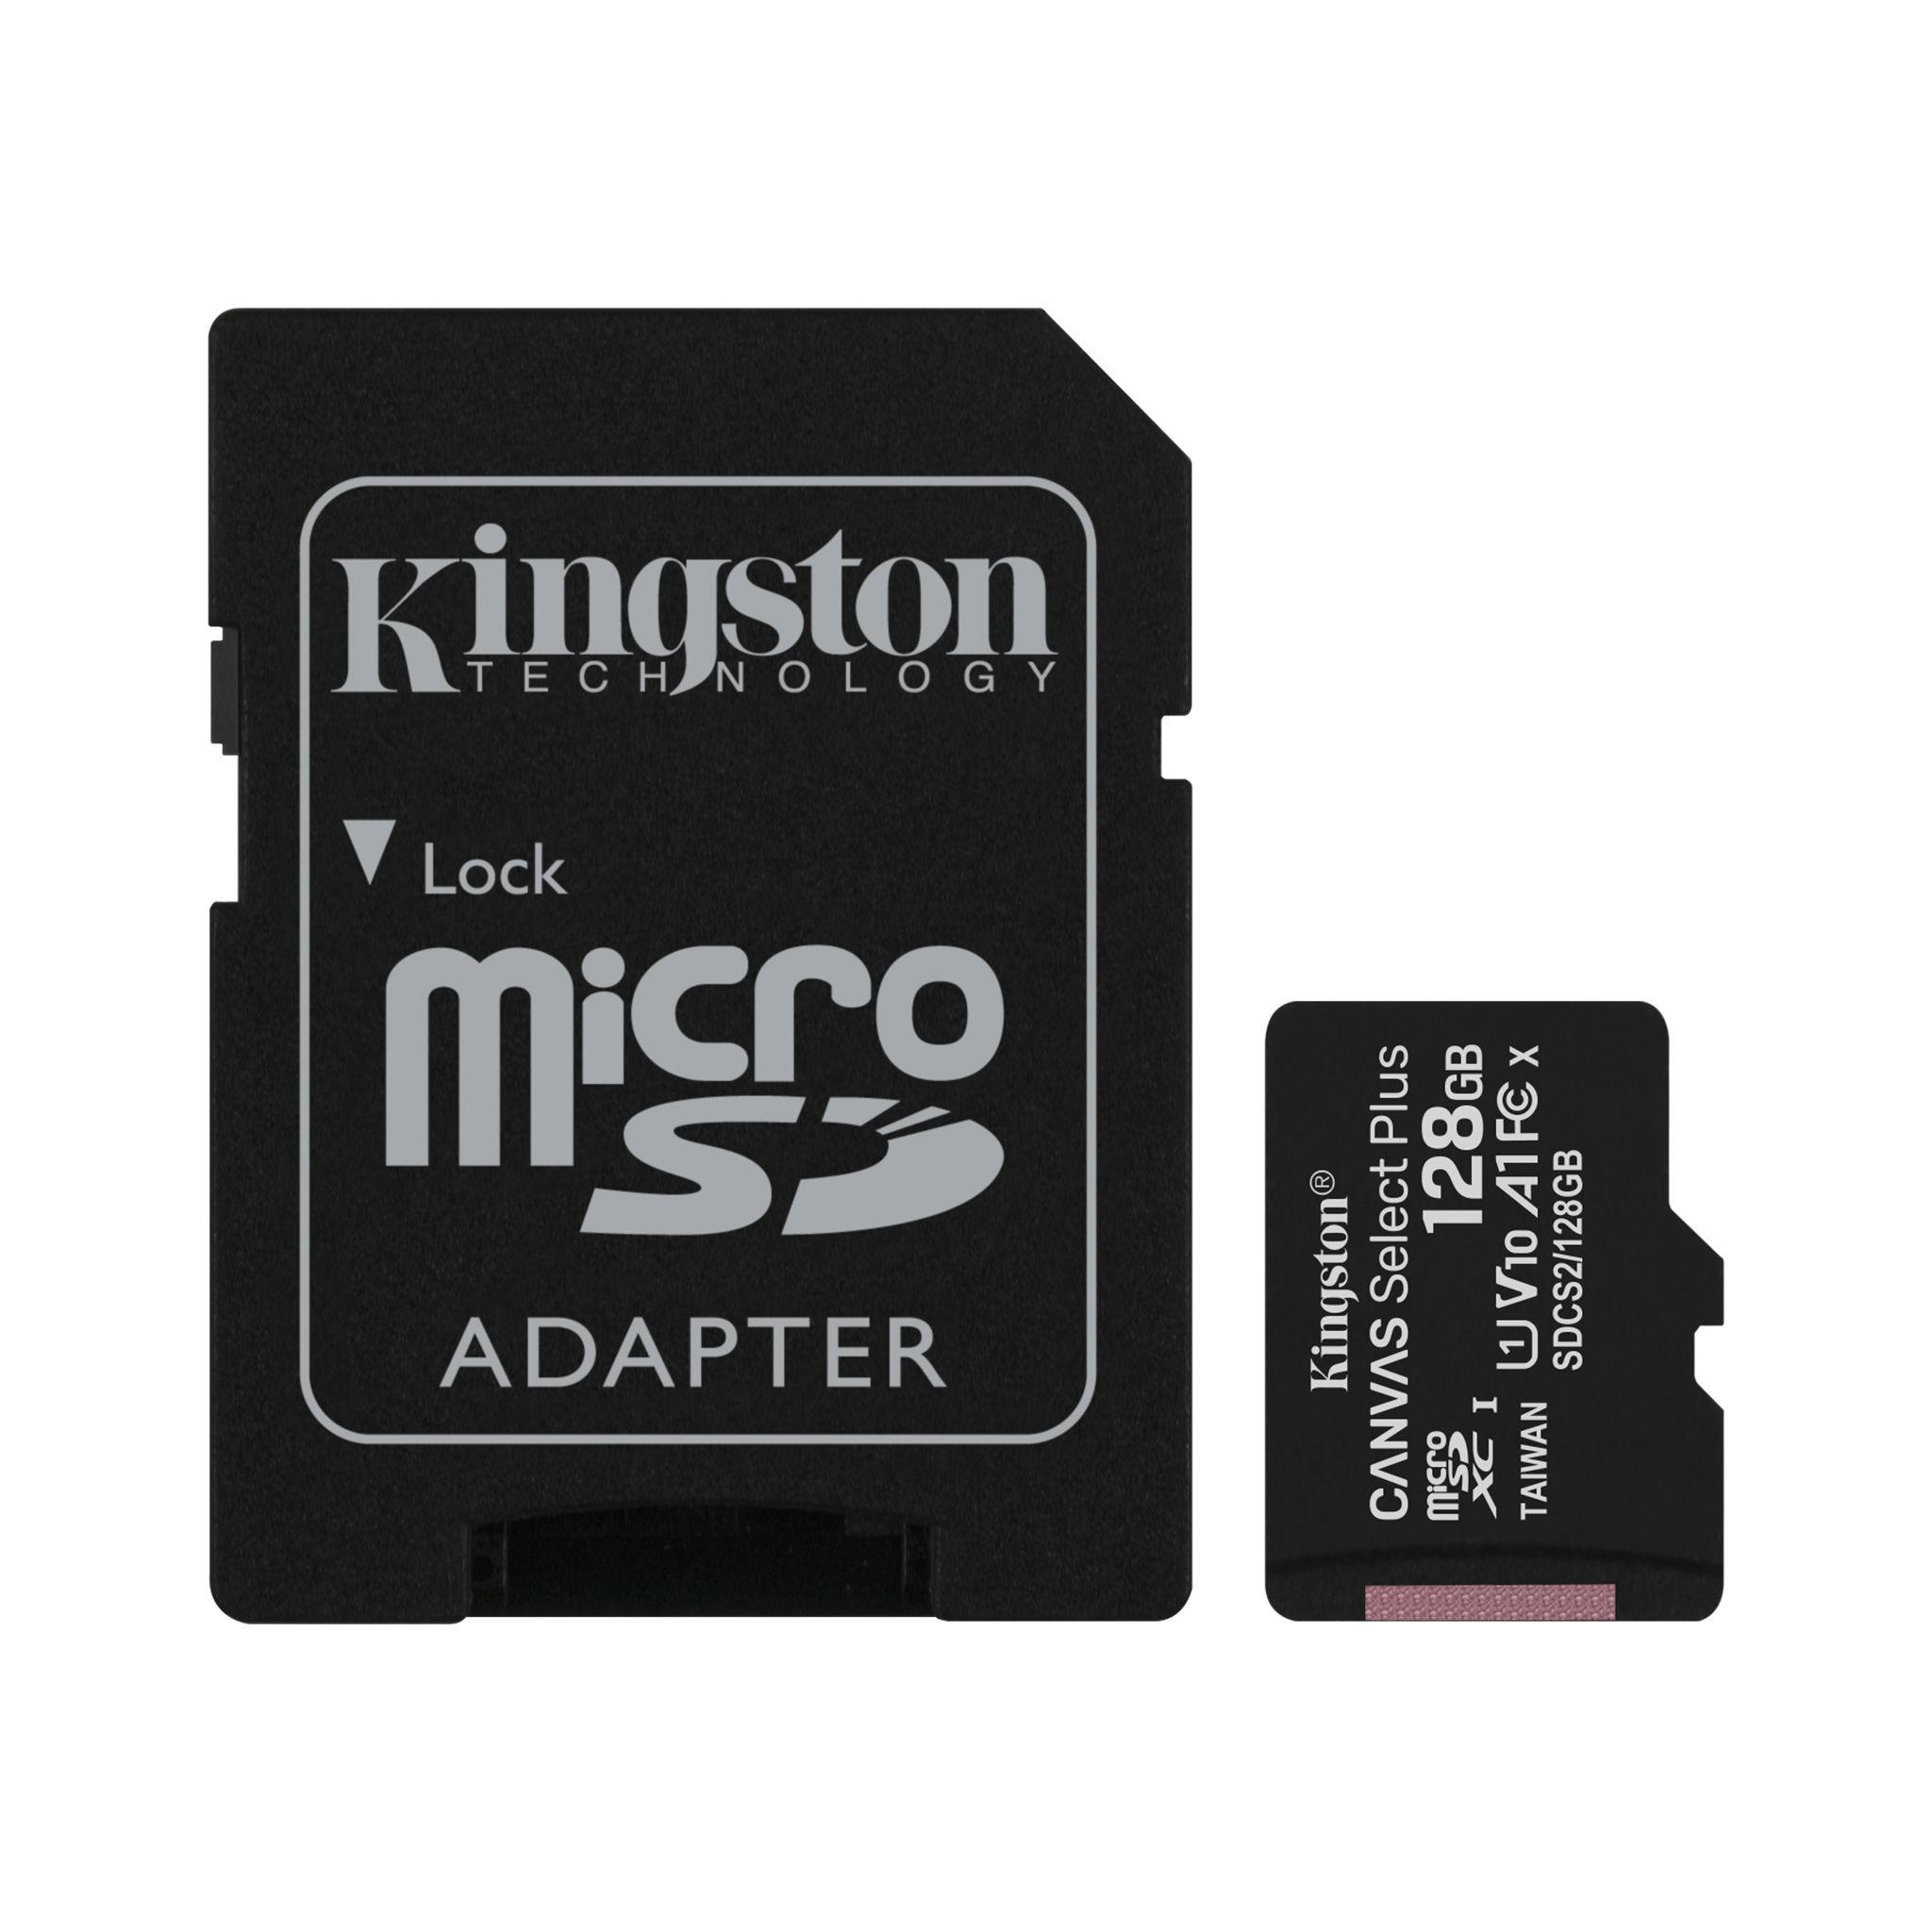 کارت حافظه microSDXC کینگستون مدل CANVAS کلاس 10 استاندارد UHS-I U1 سرعت 100MBps ظرفیت 128 گیگابایت به همراه  آداپتور SD